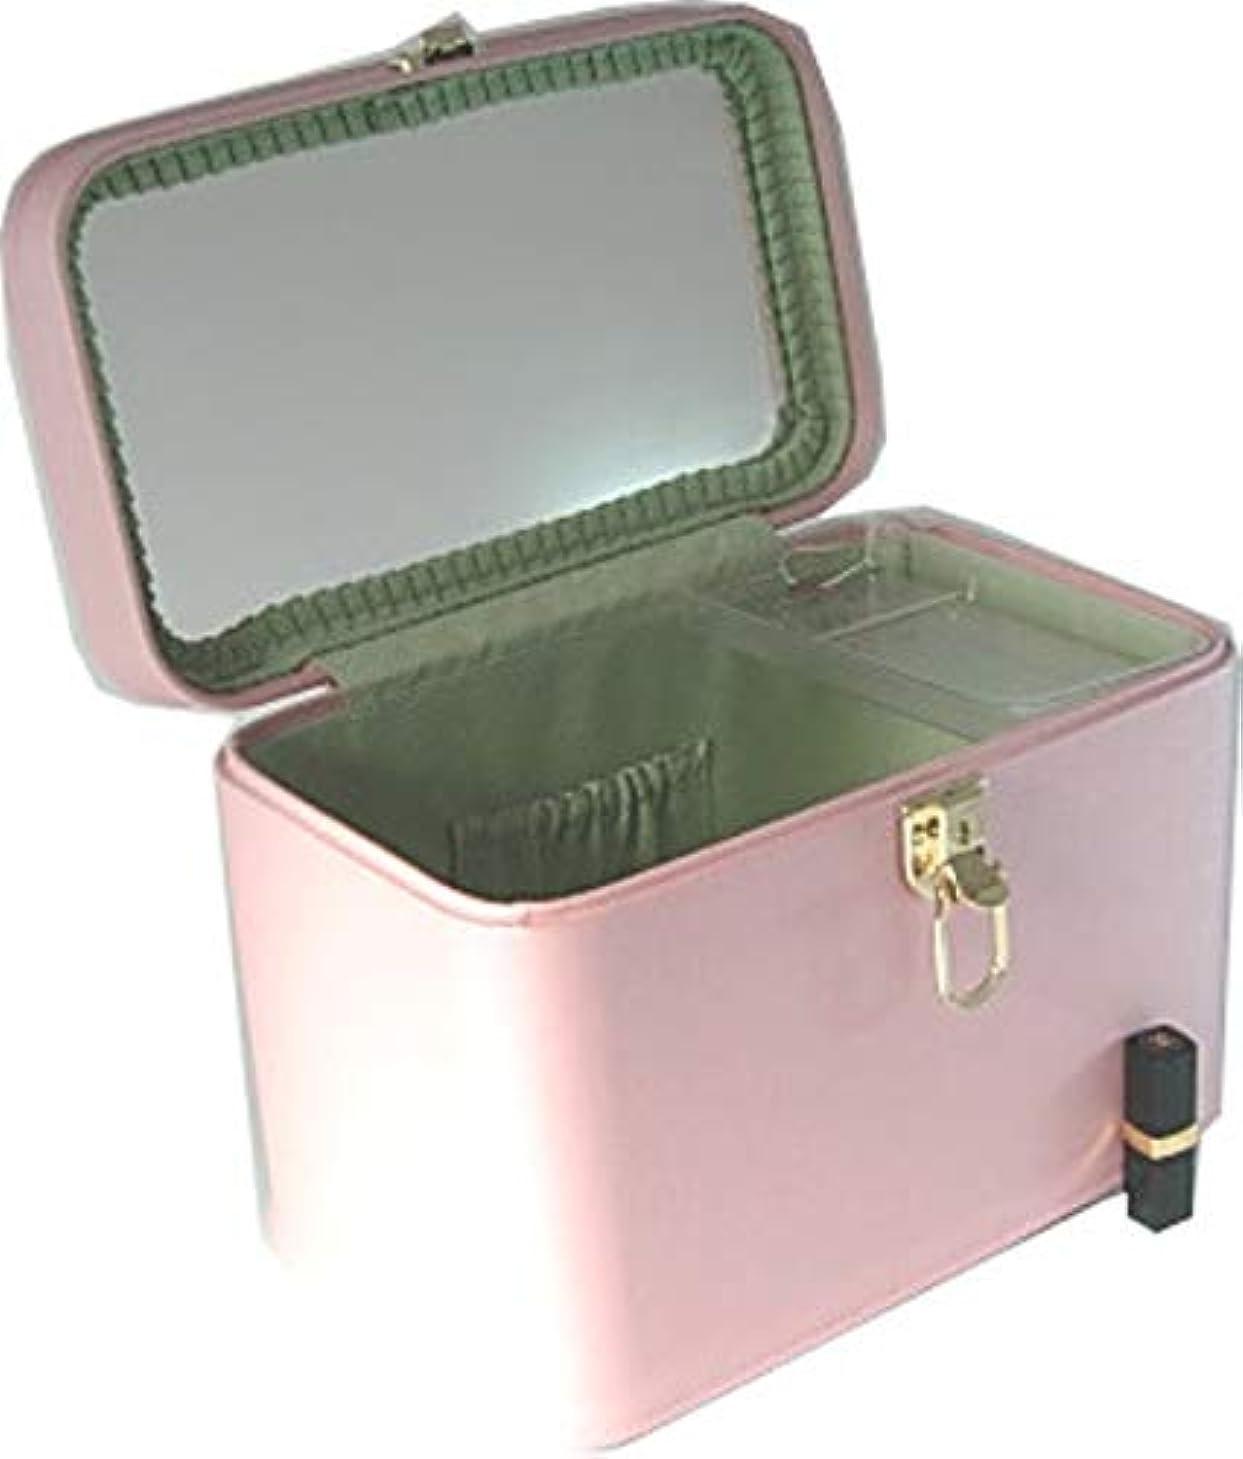 ファイナンスあたたかいアジア人トリプルG2 33cmヨコ パールピンク 日本製 メイクボックス,コスメボックス,メイクアップボックス,トレンチケース,お化粧入れ,化粧雑貨,メーキャップボックス,化粧箱,かわいい,メイク道具箱,メイク雑貨,化粧ボックス